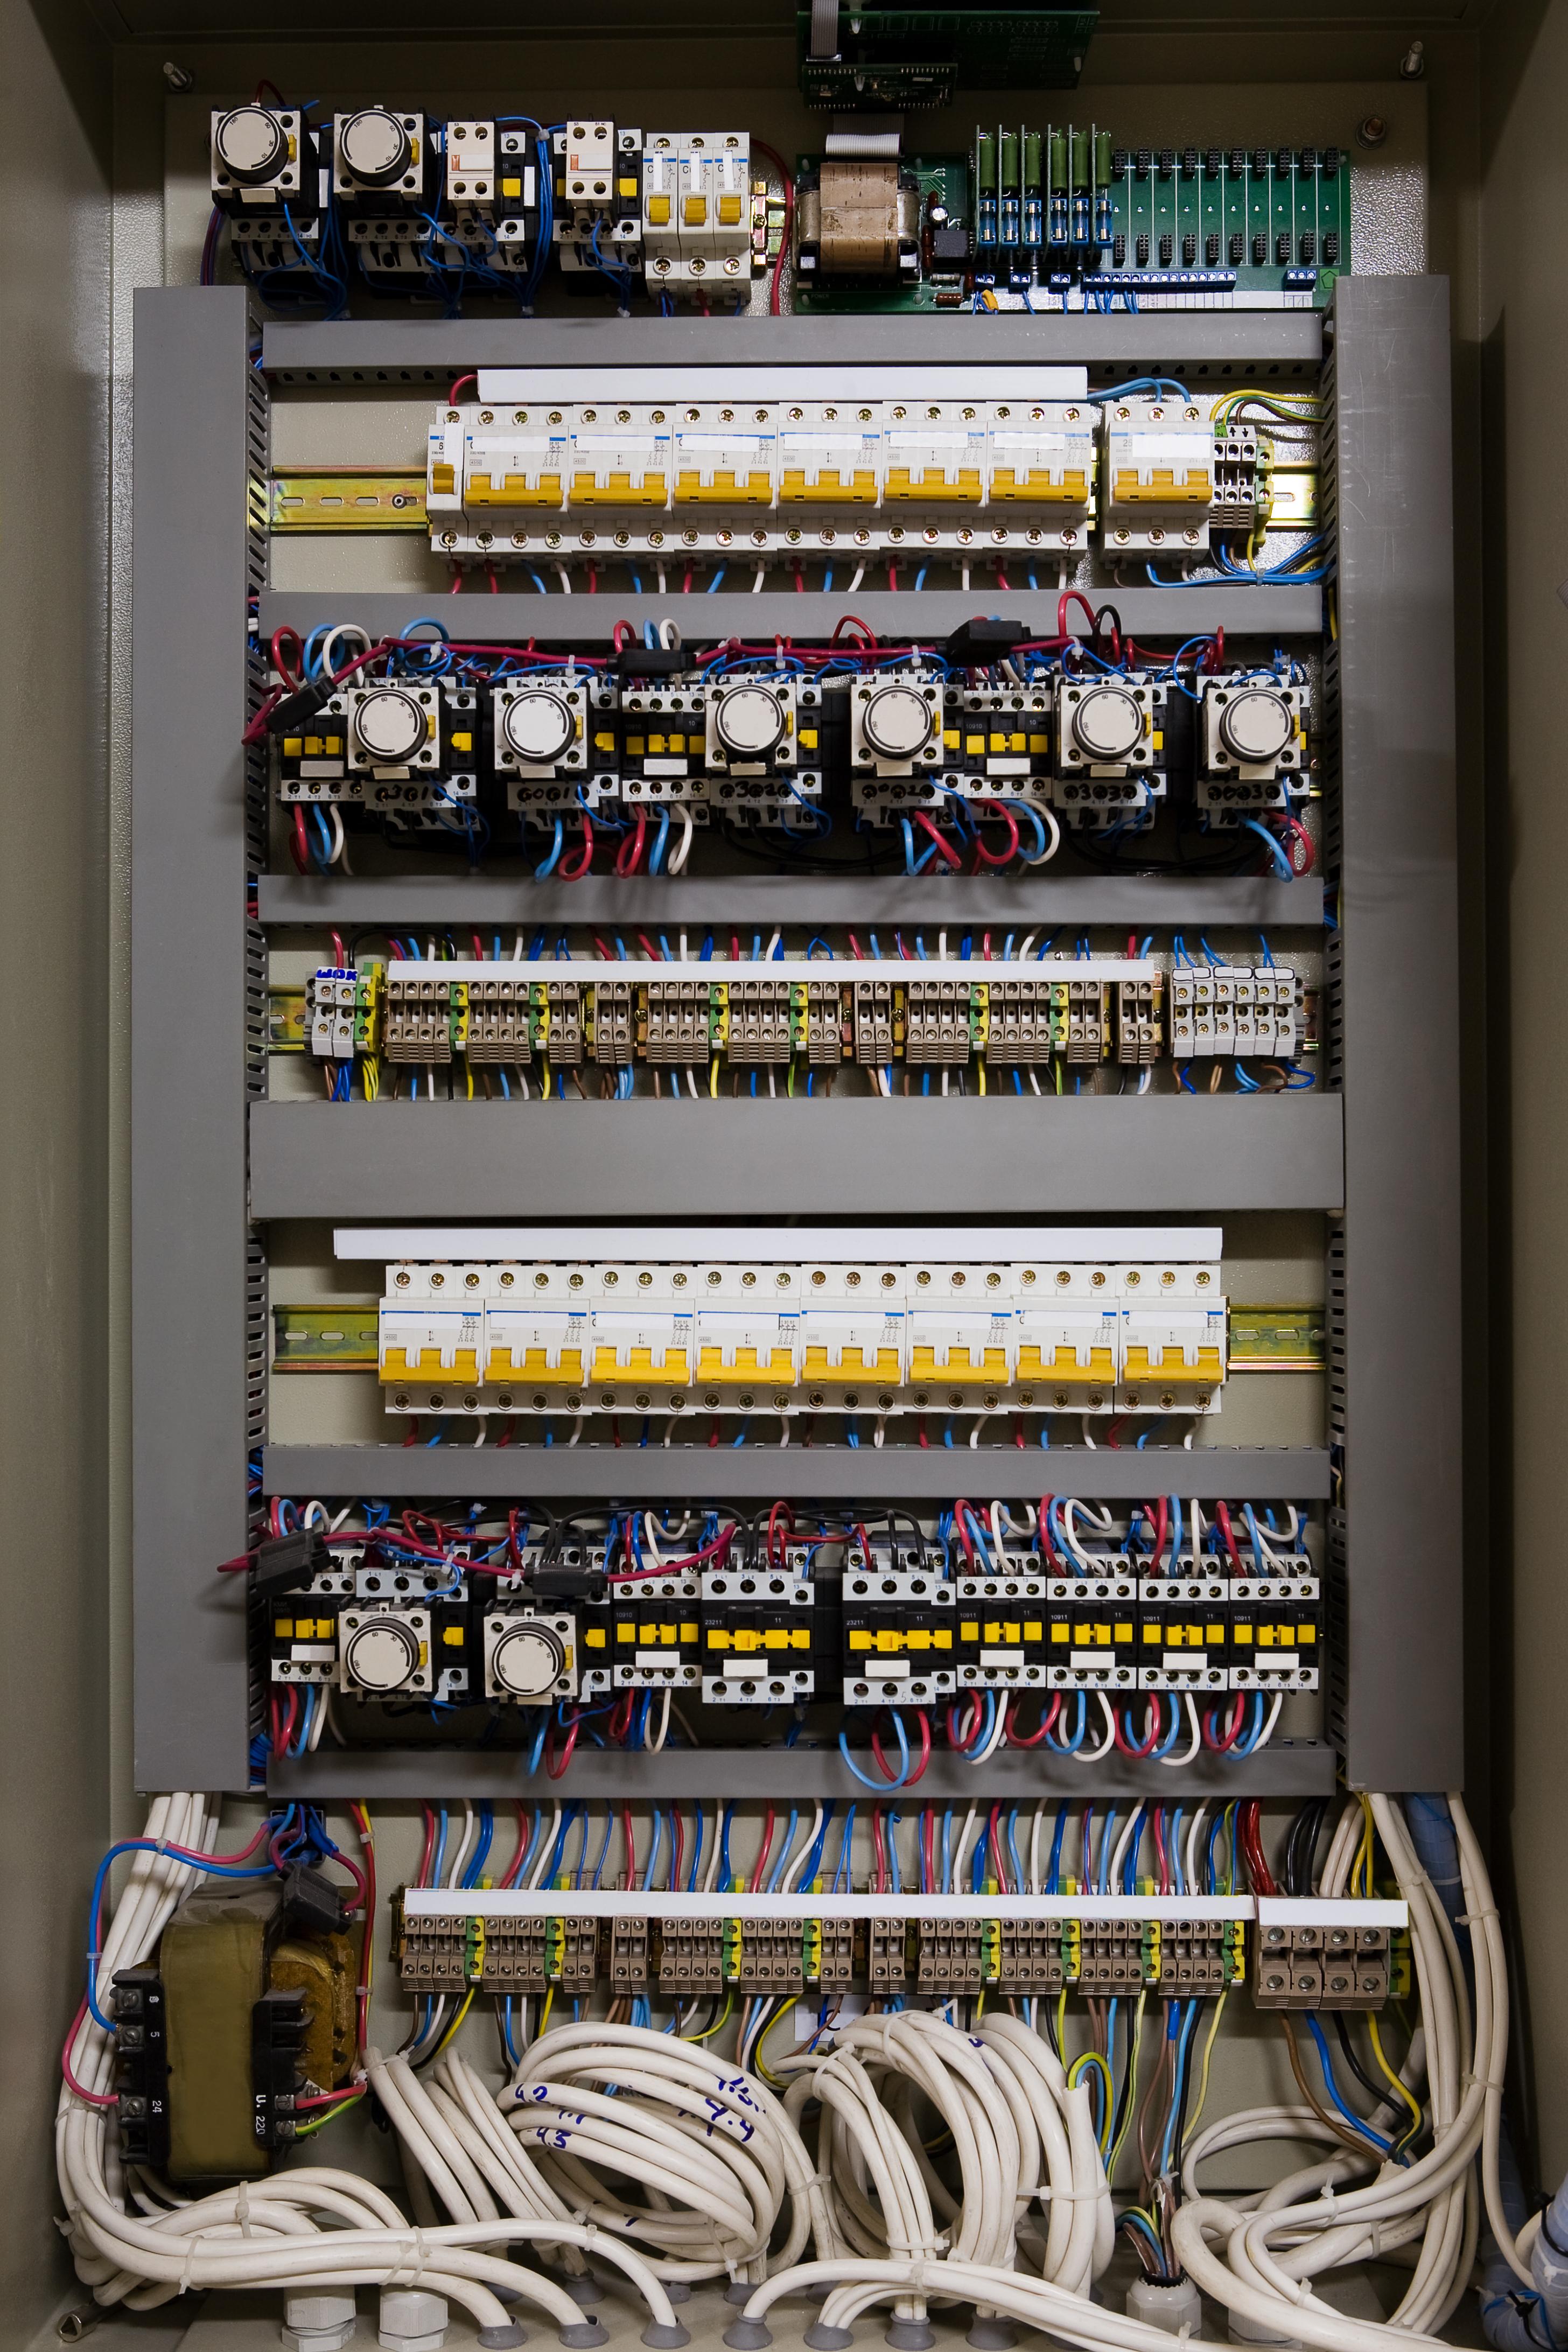 control box wiring wiring diagram todayscontrol box wiring wiring diagrams circuit board wiring control box wiring